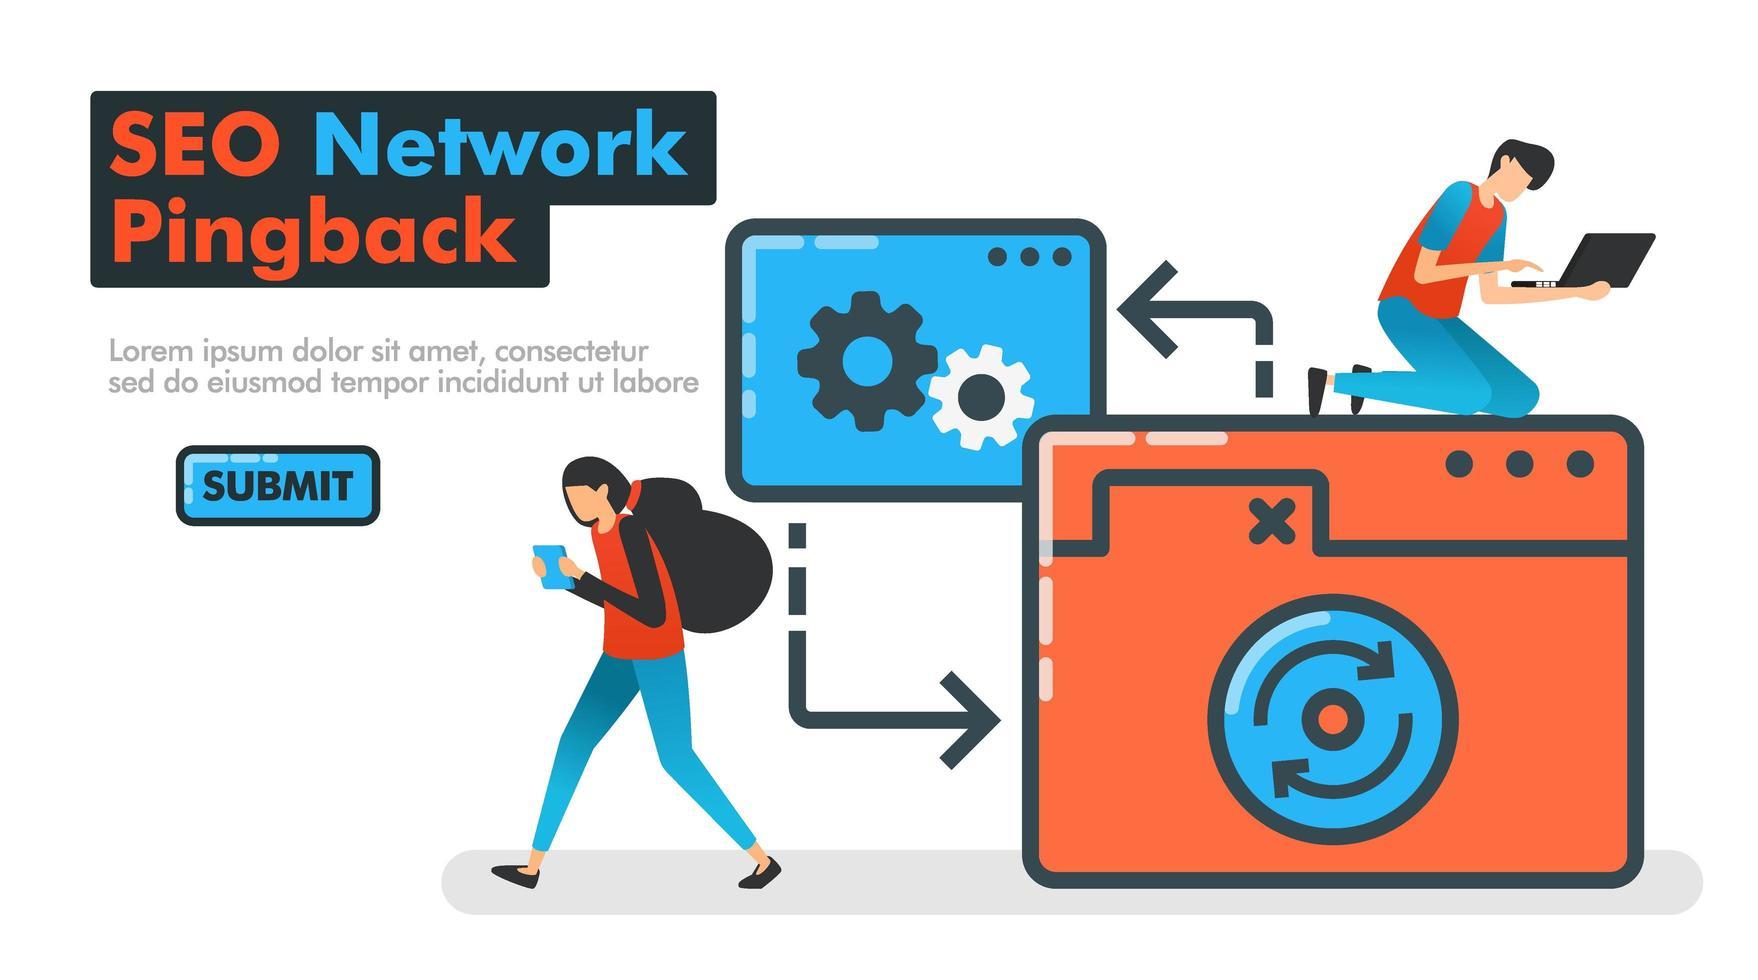 Ilustración de vector de línea de pingback de red seo. las personas intentan hacer ping en la red del sitio web para probar la optimización seo y el rendimiento en el sitio y las aplicaciones móviles. mecanismo de retorno de ping. para anuncios de sitios web de páginas de destino